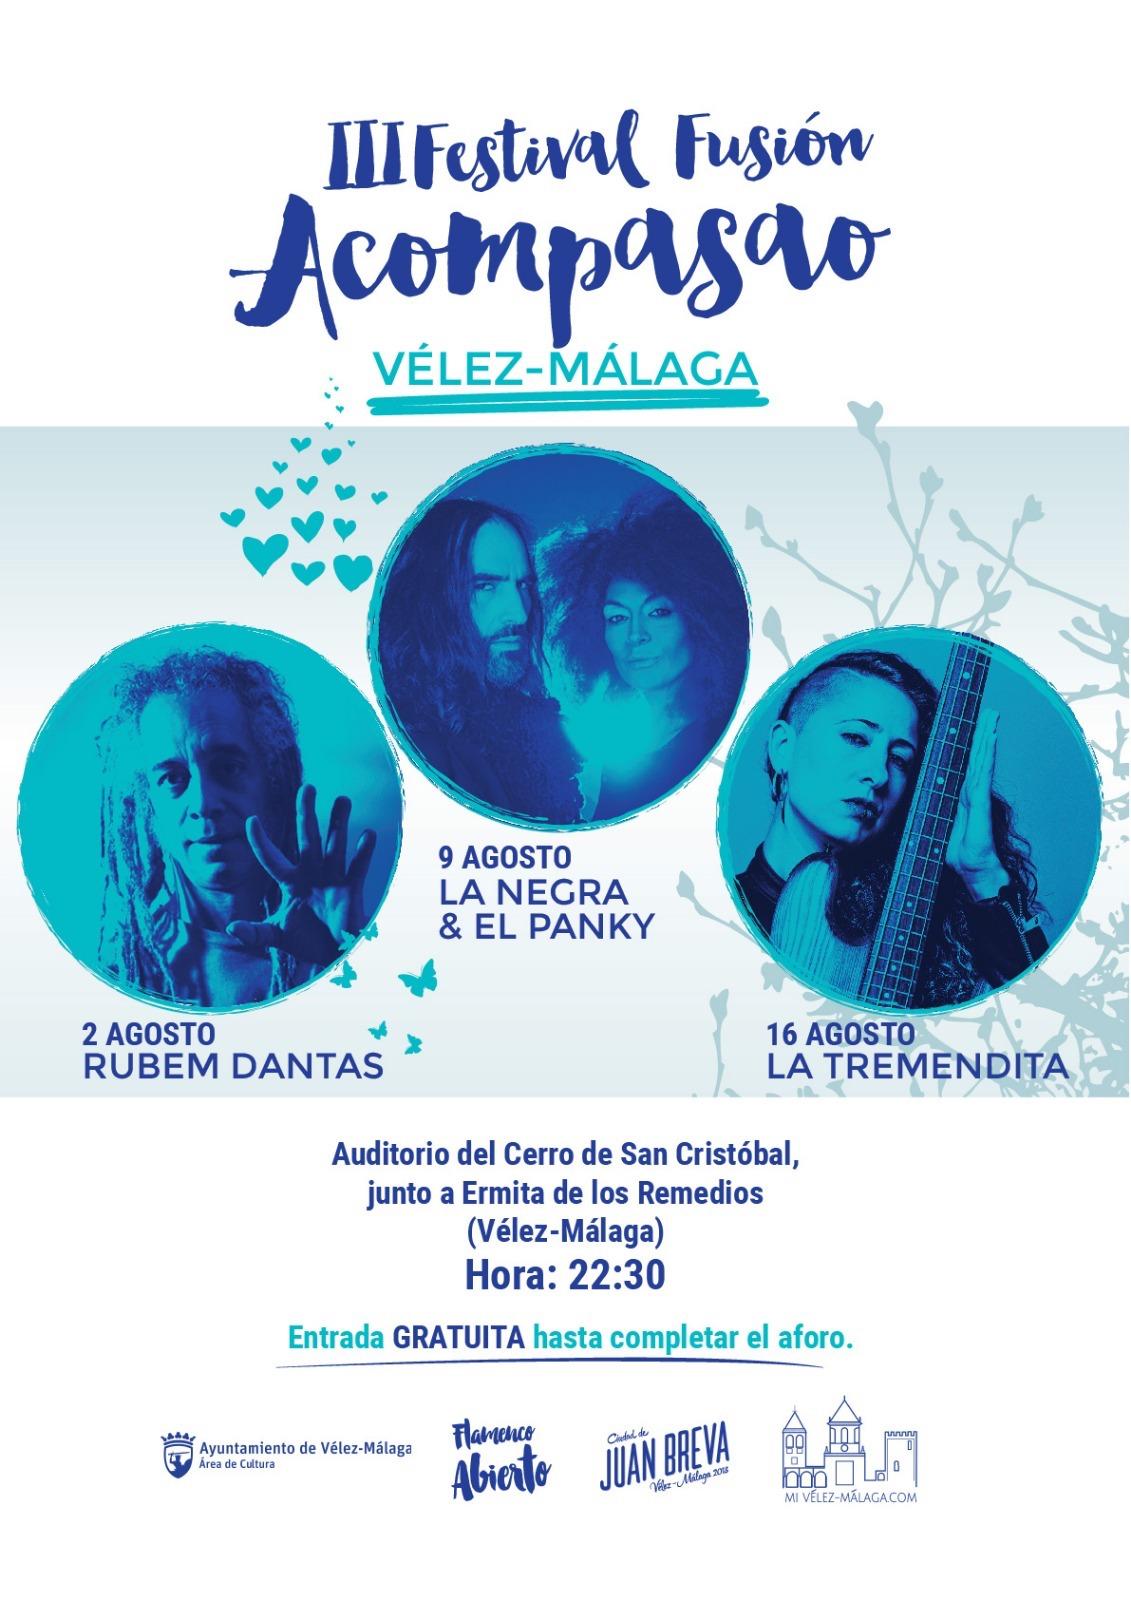 III Festival Acompasao de Flamenco-fusión en Vélez-Málaga